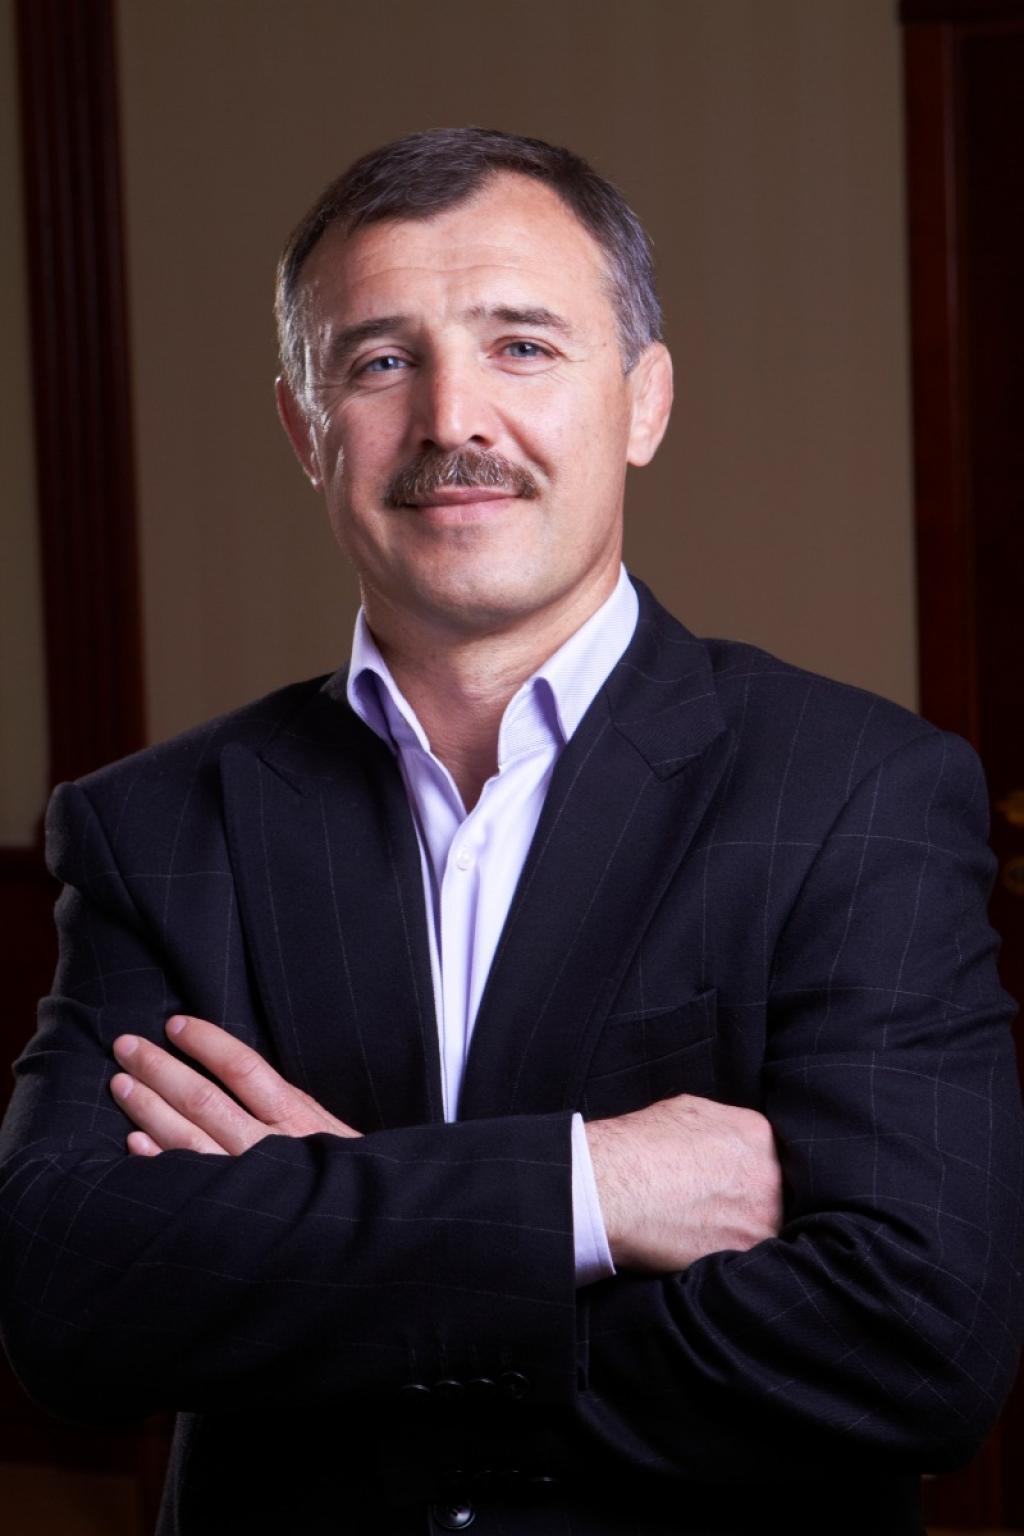 New elections held in Belarus